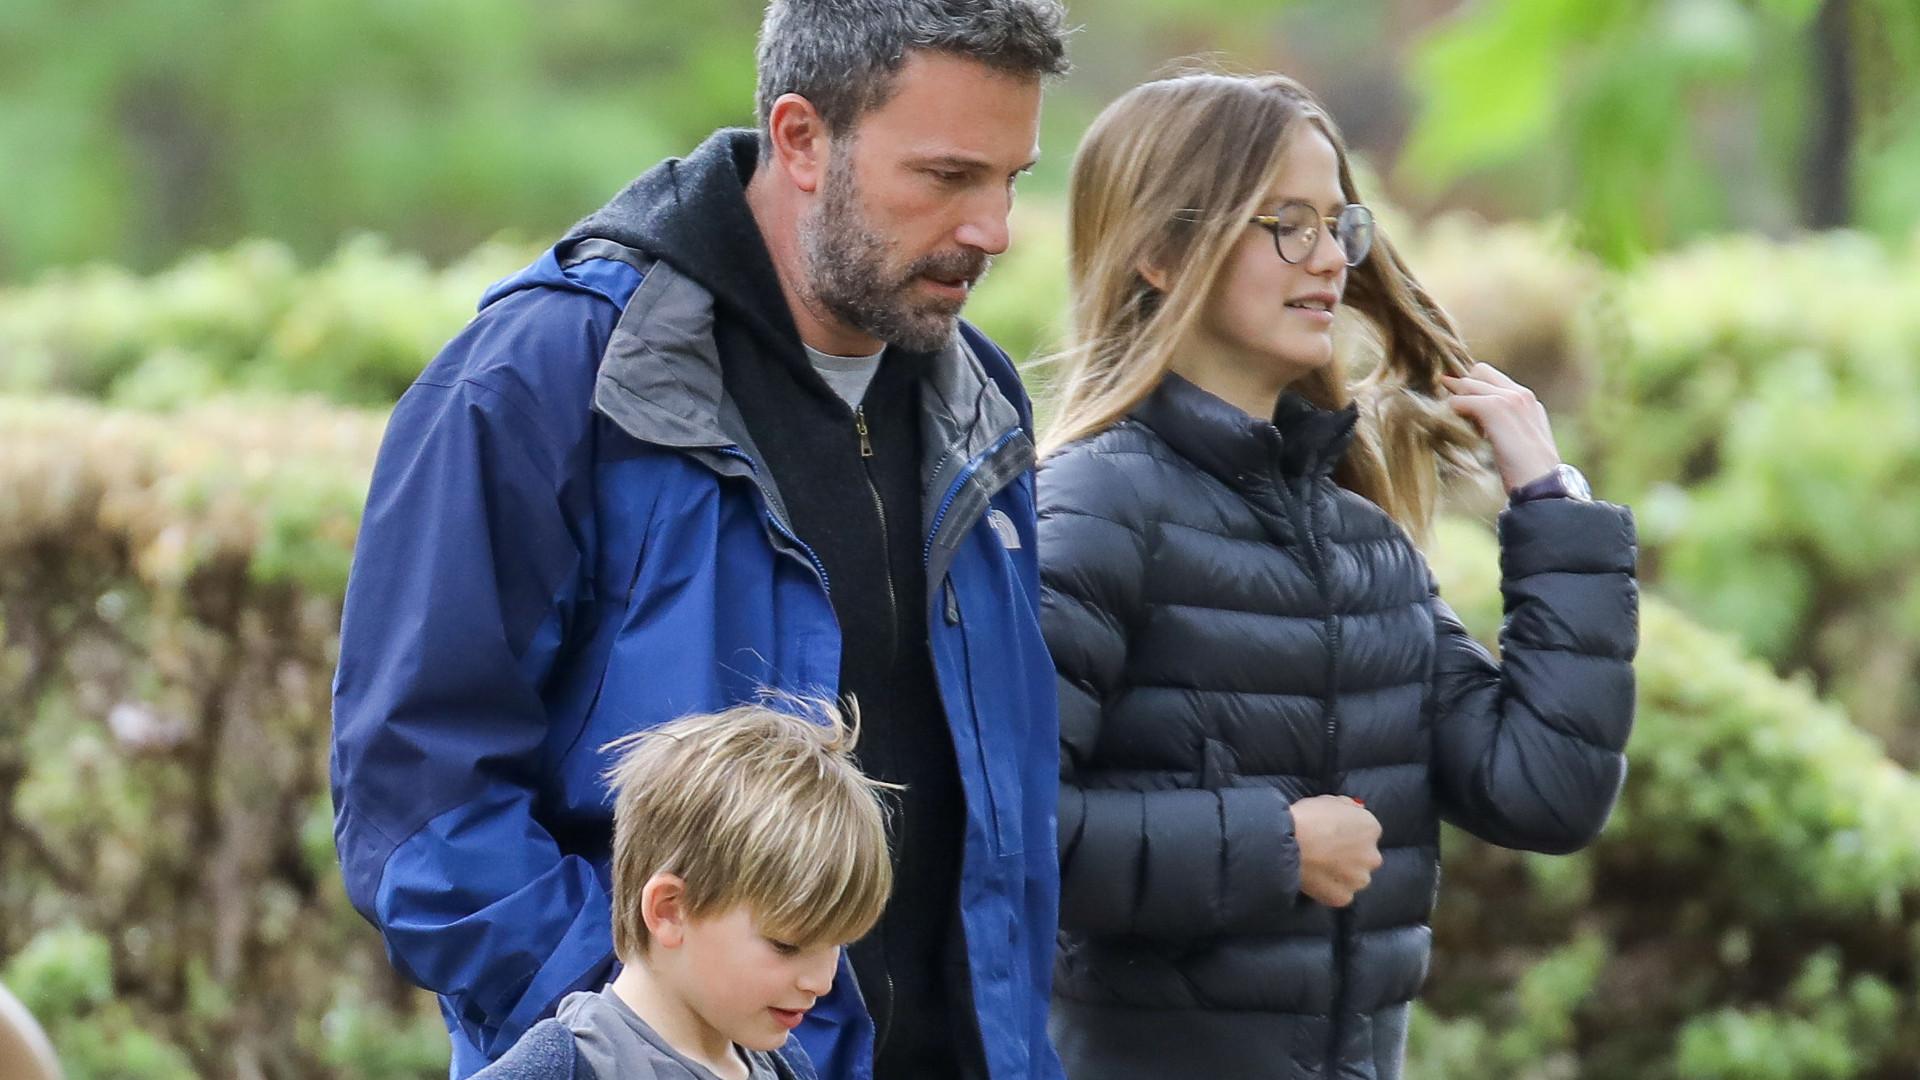 Ben Affleck zostawił na chwilę nową miłość i zajął się dziećmi (ZDJĘCIA)